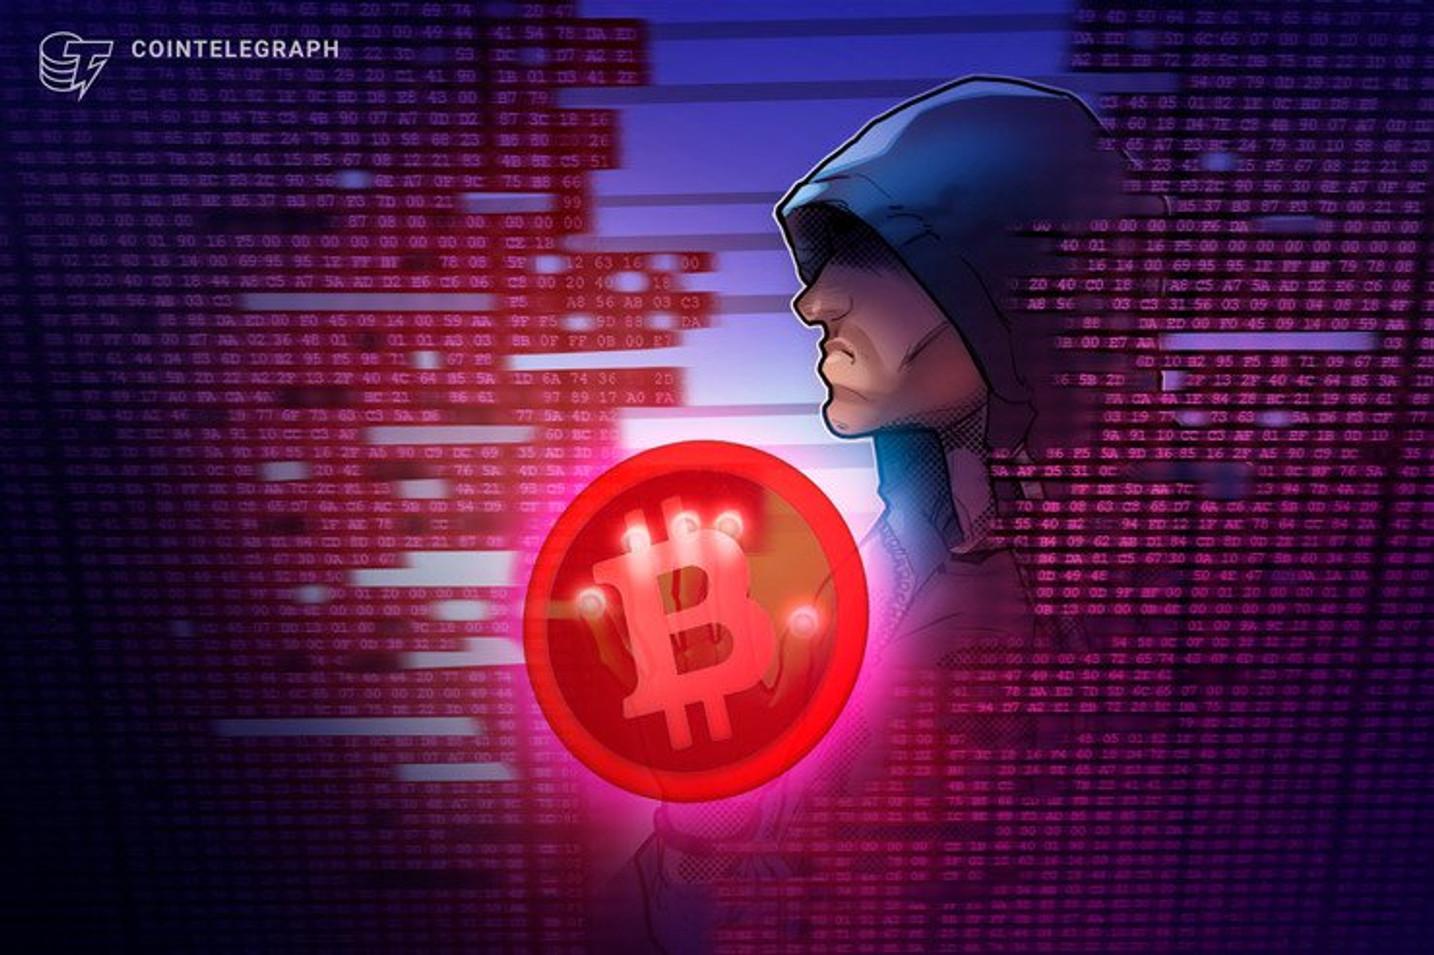 Brasileiros relatam roubo de fundos na Crypterium; exchange teria prometido ressarcimento e voltado atrás